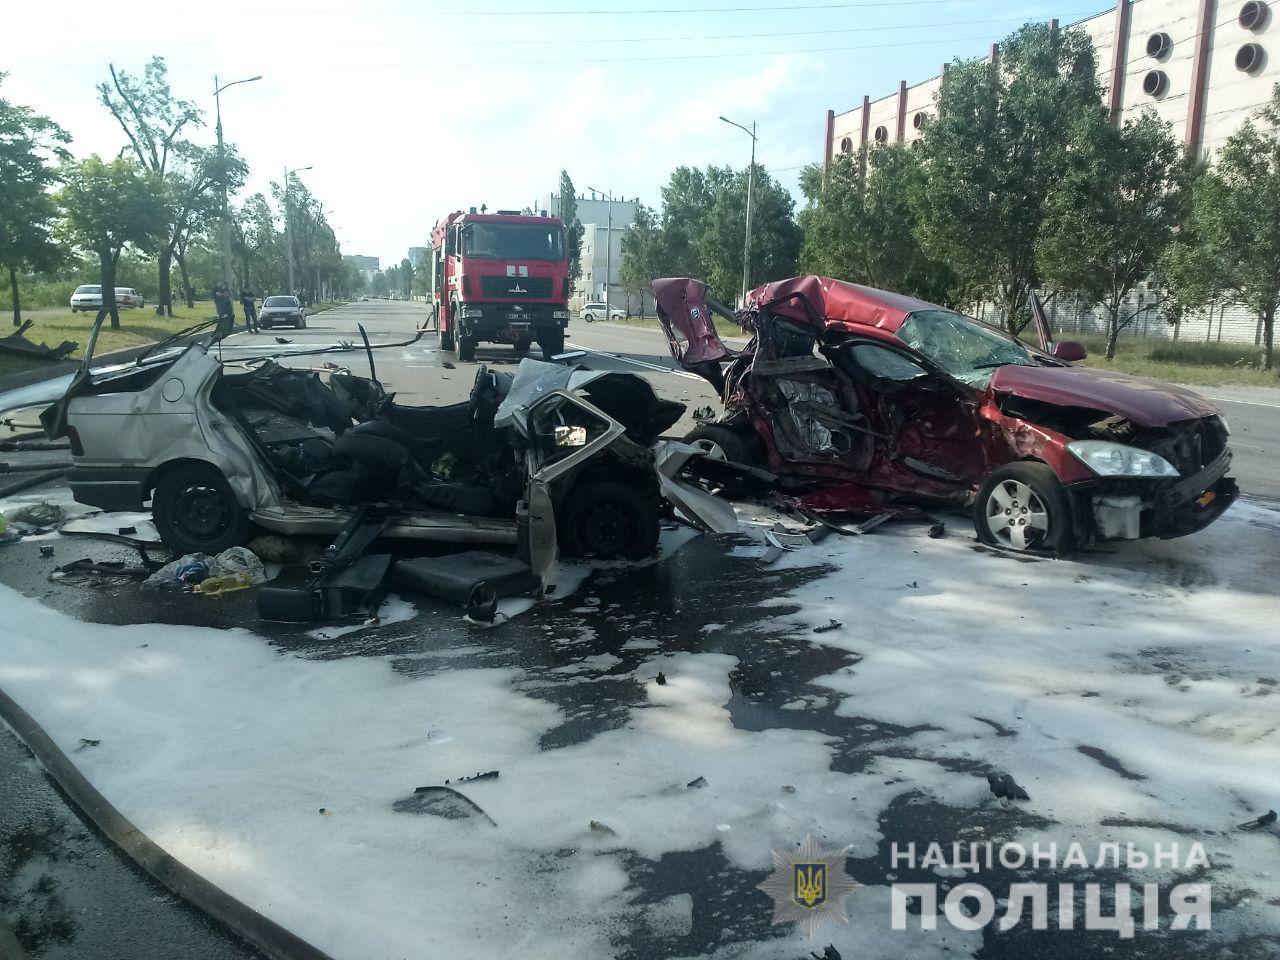 Жуткое ДТП в Днепре: подозреваемого арестовали. Новости Днепра